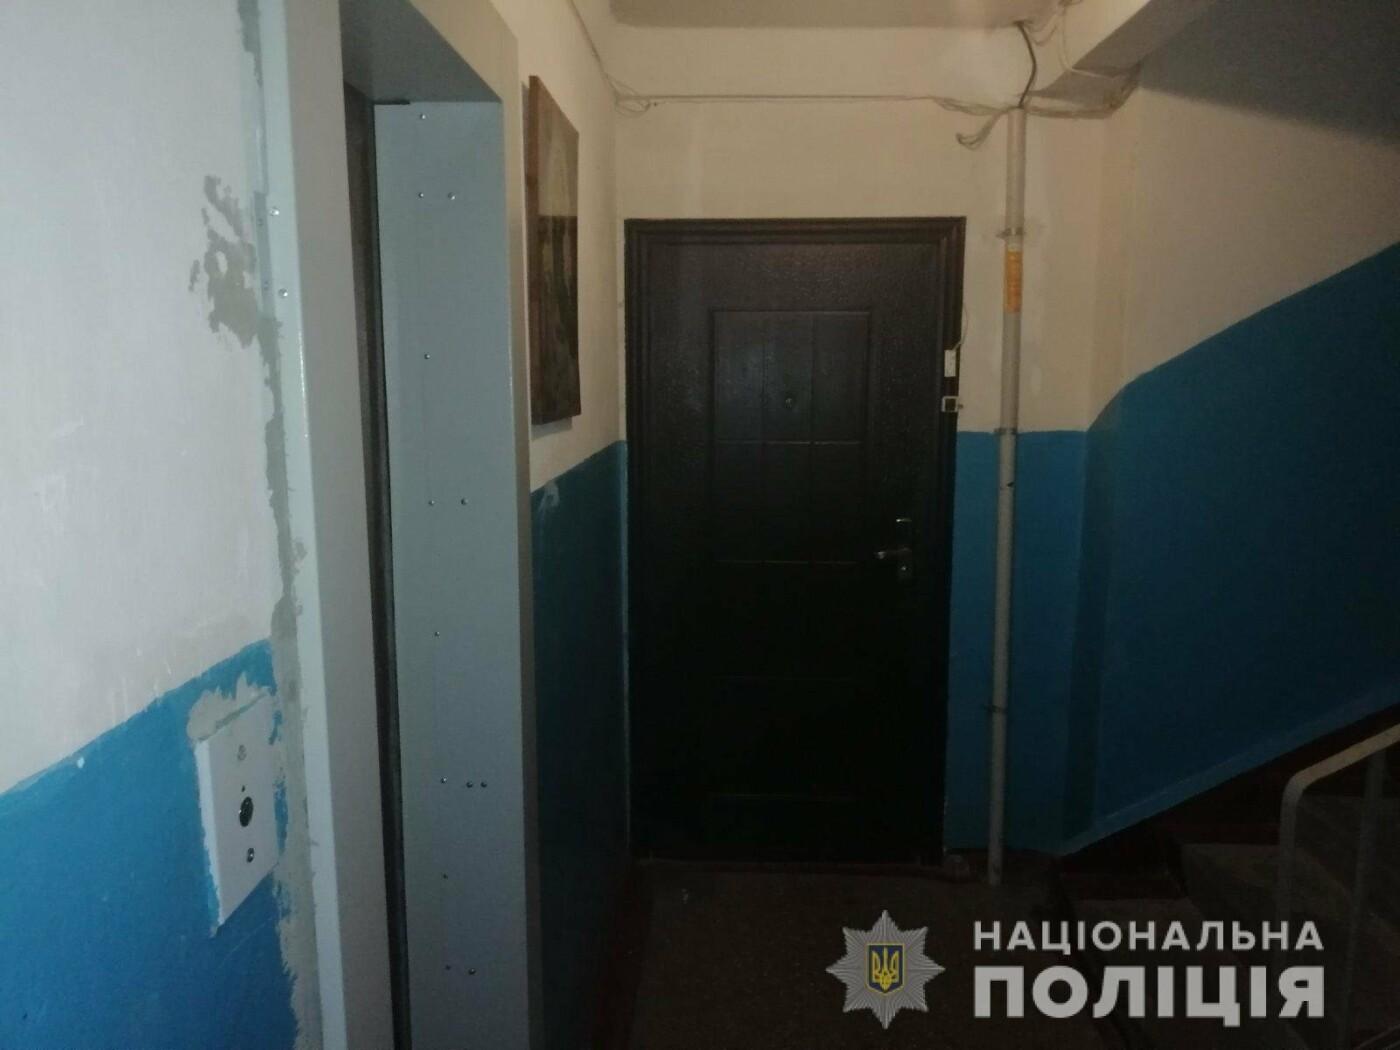 Угрожала ножом и баллончиком: в Харькове женщина напала на иностранку, - ФОТО, фото-2